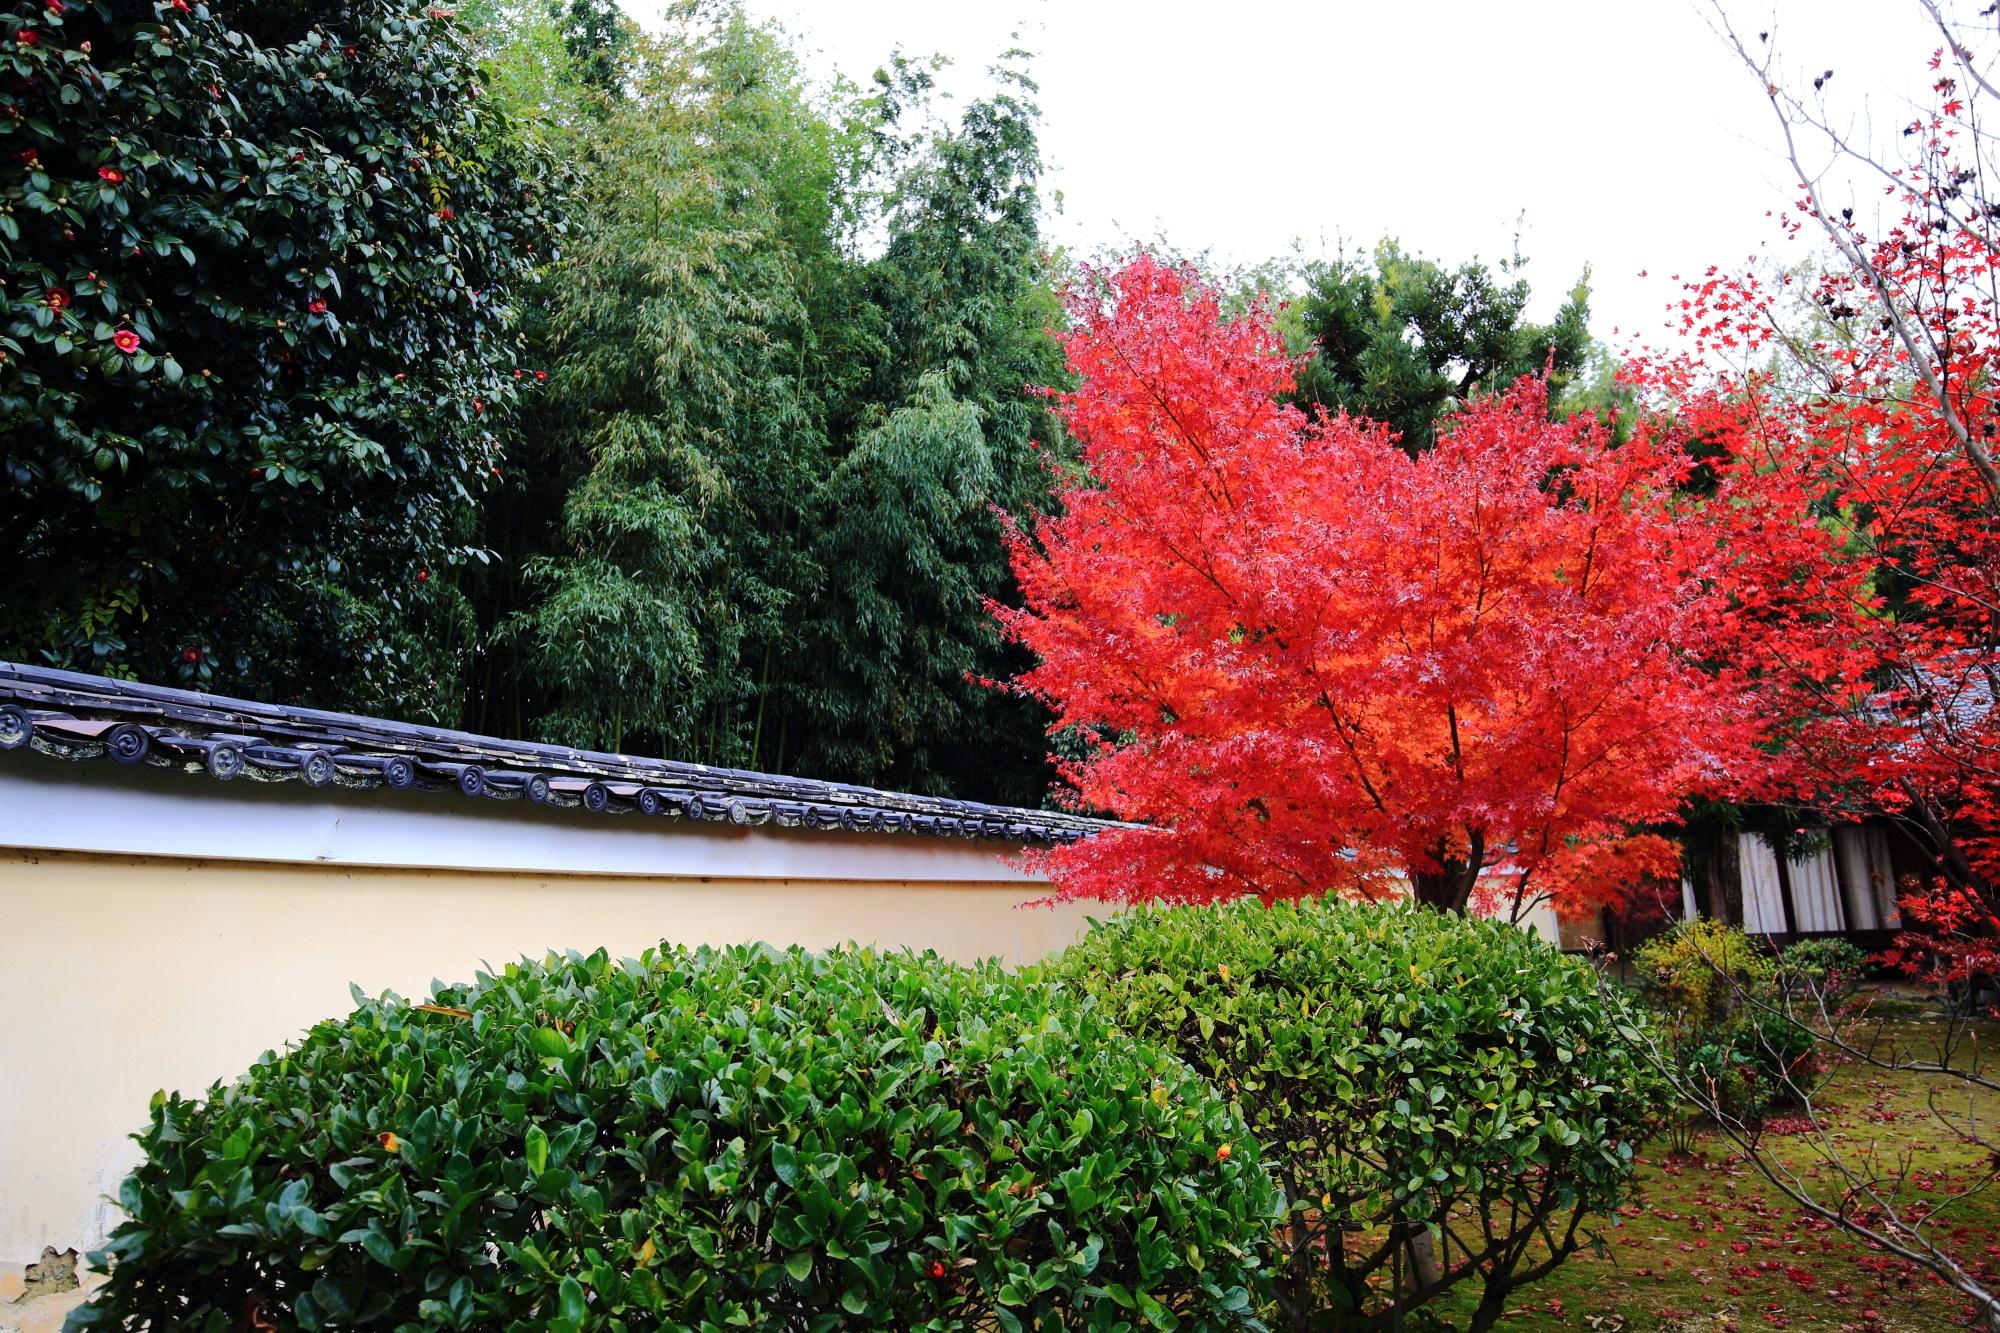 もみじの穴場のろくおういんの鮮やかな見ごろの紅葉